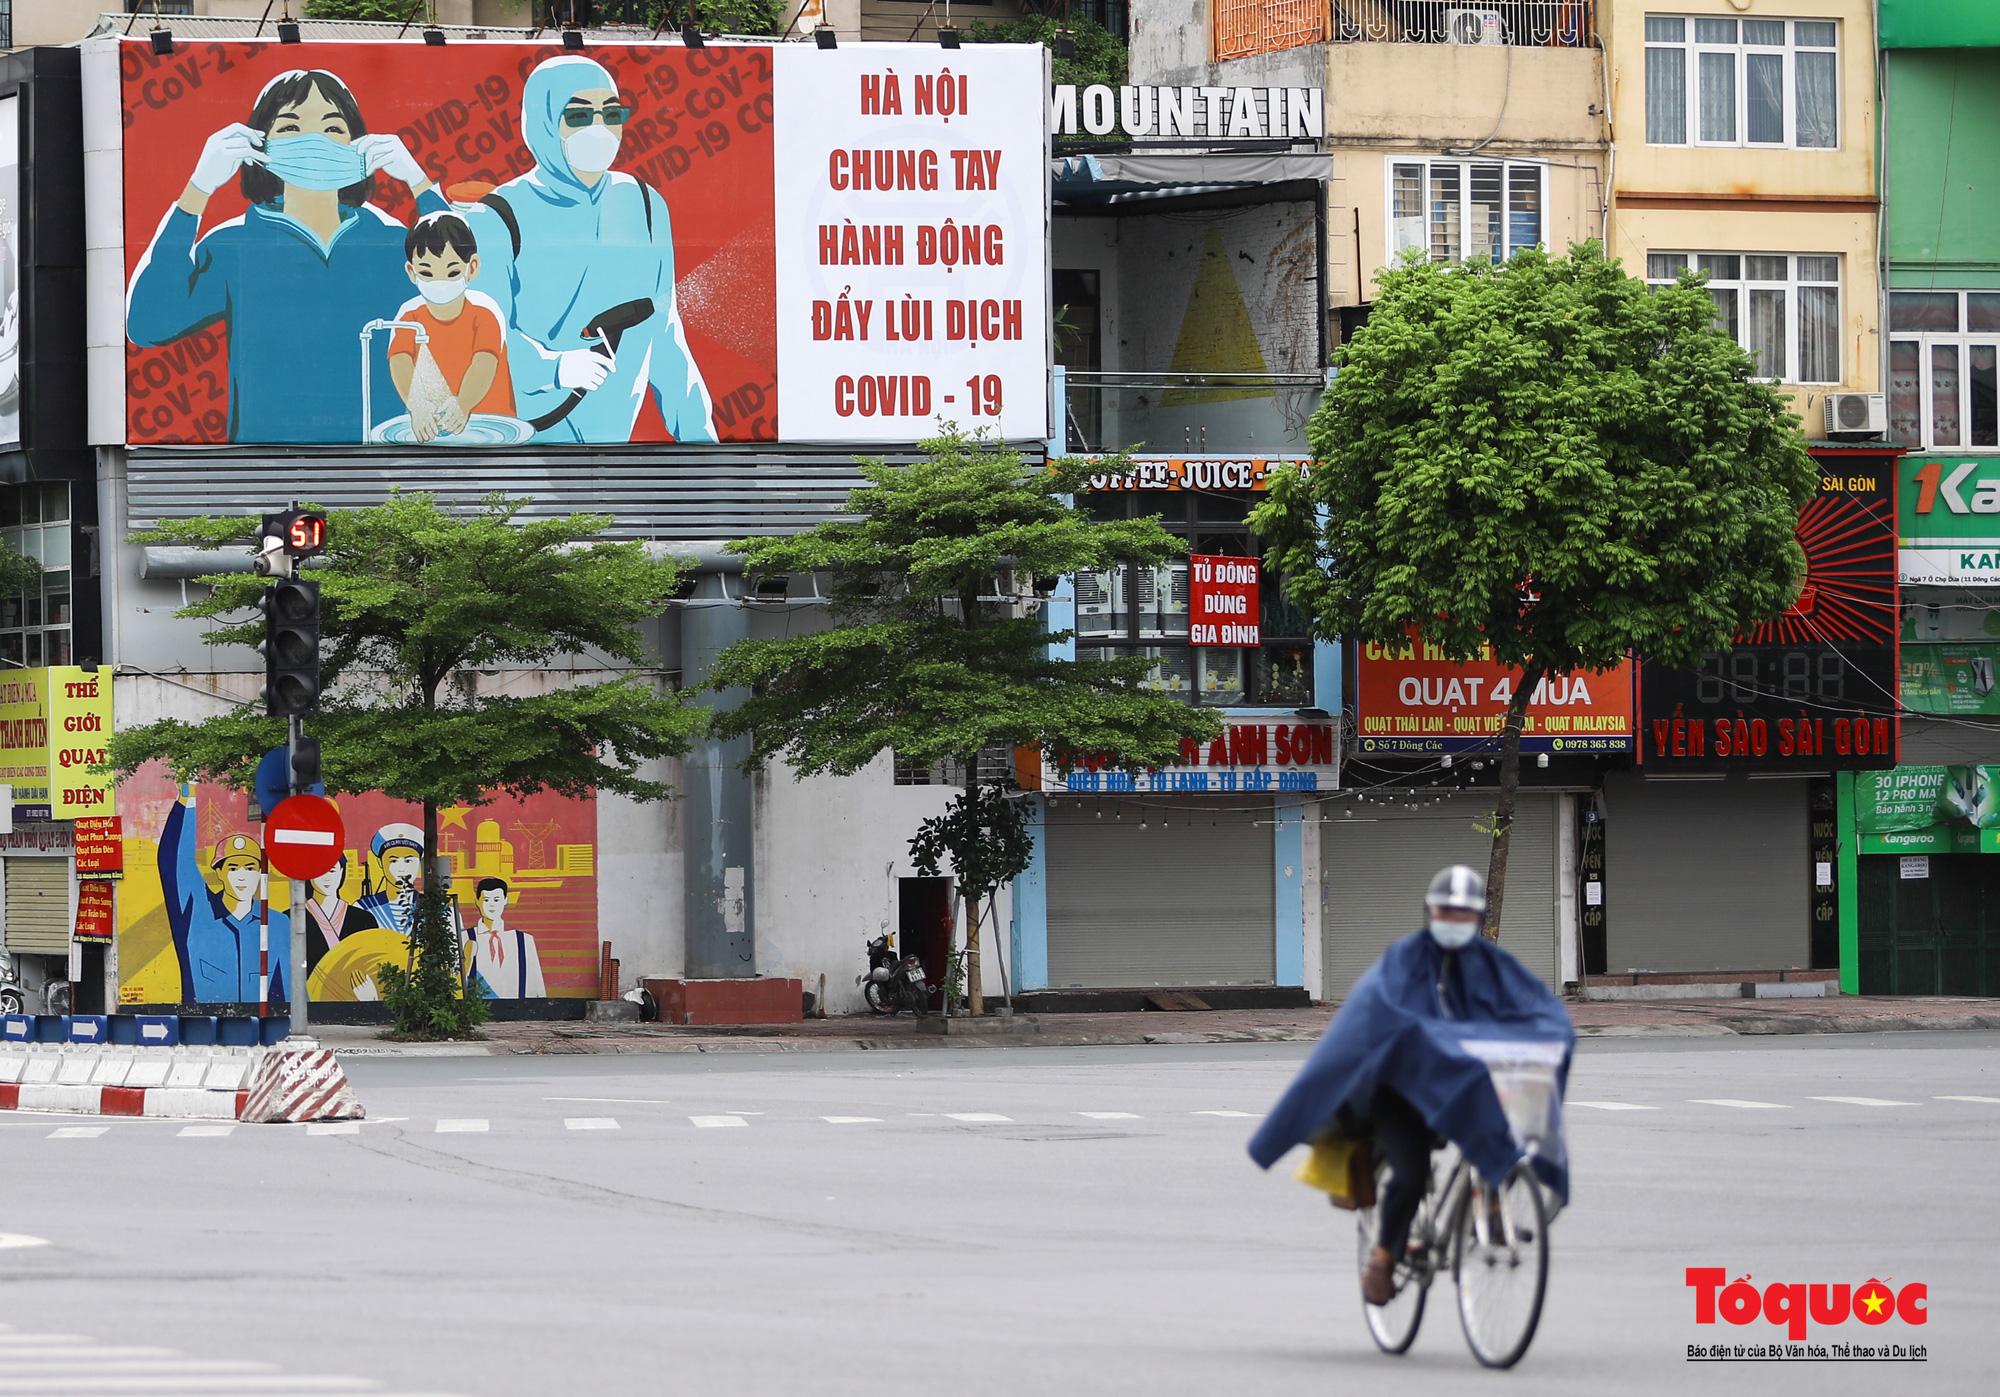 Pano, hình ảnh cổ động phòng chống dịch COVID-19 trên khắp đường phố Hà Nội - Ảnh 1.